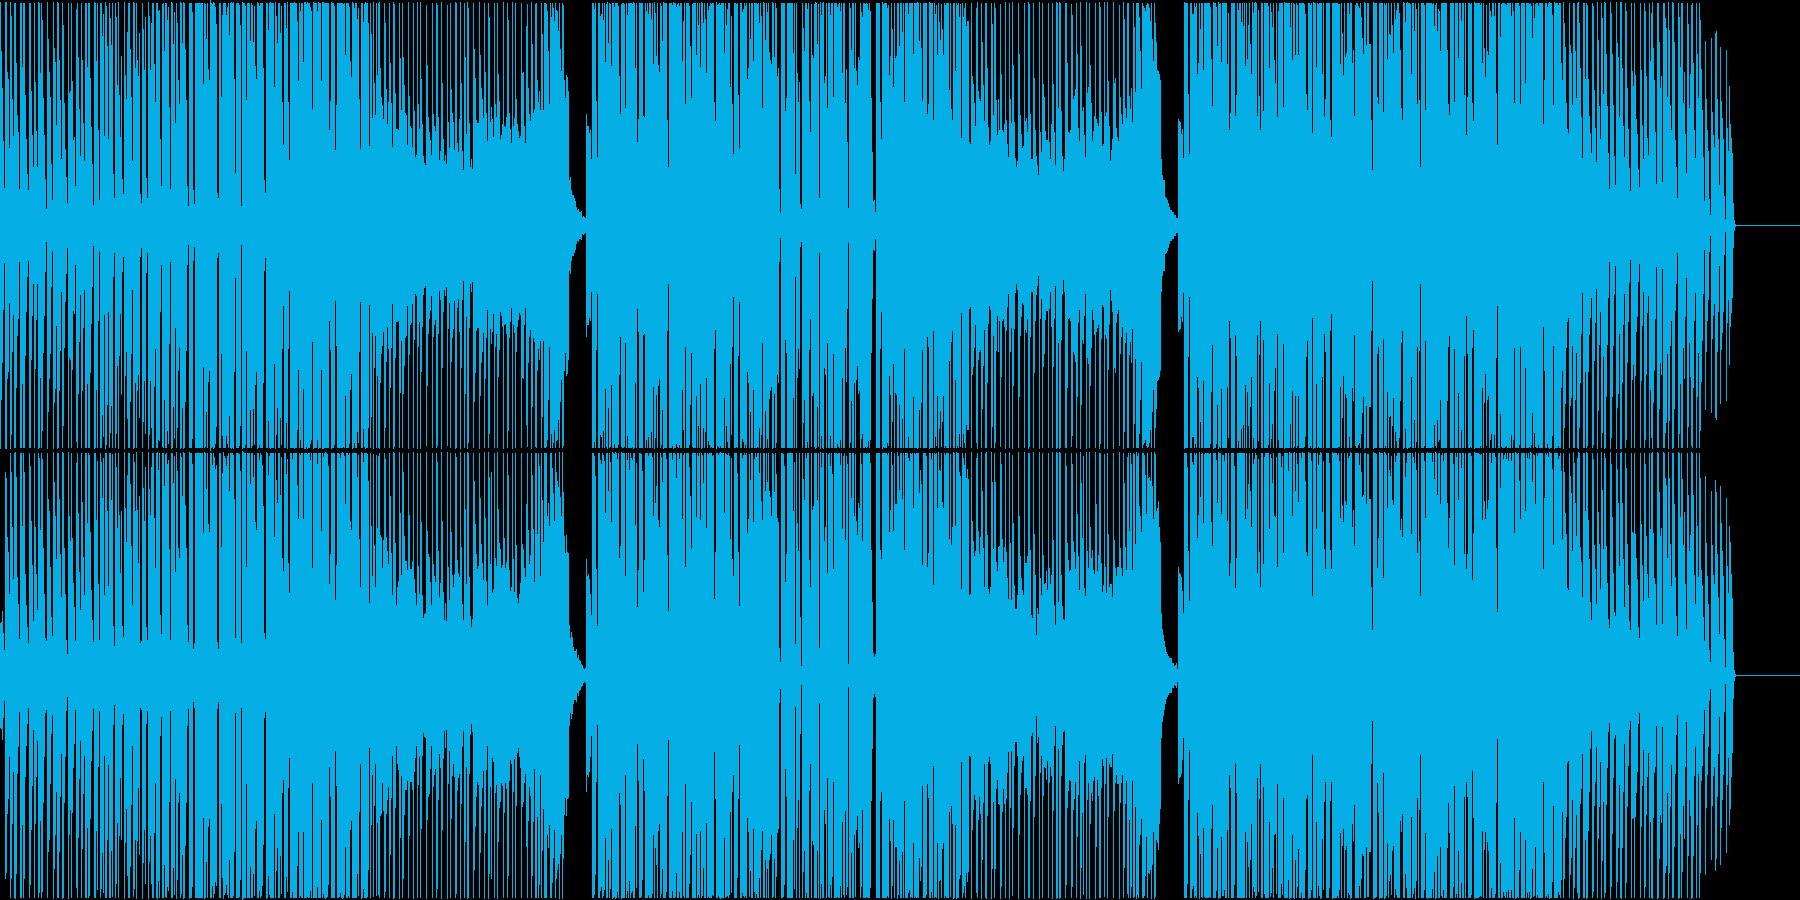 映像作品向きなシンプルなシンセポップの再生済みの波形